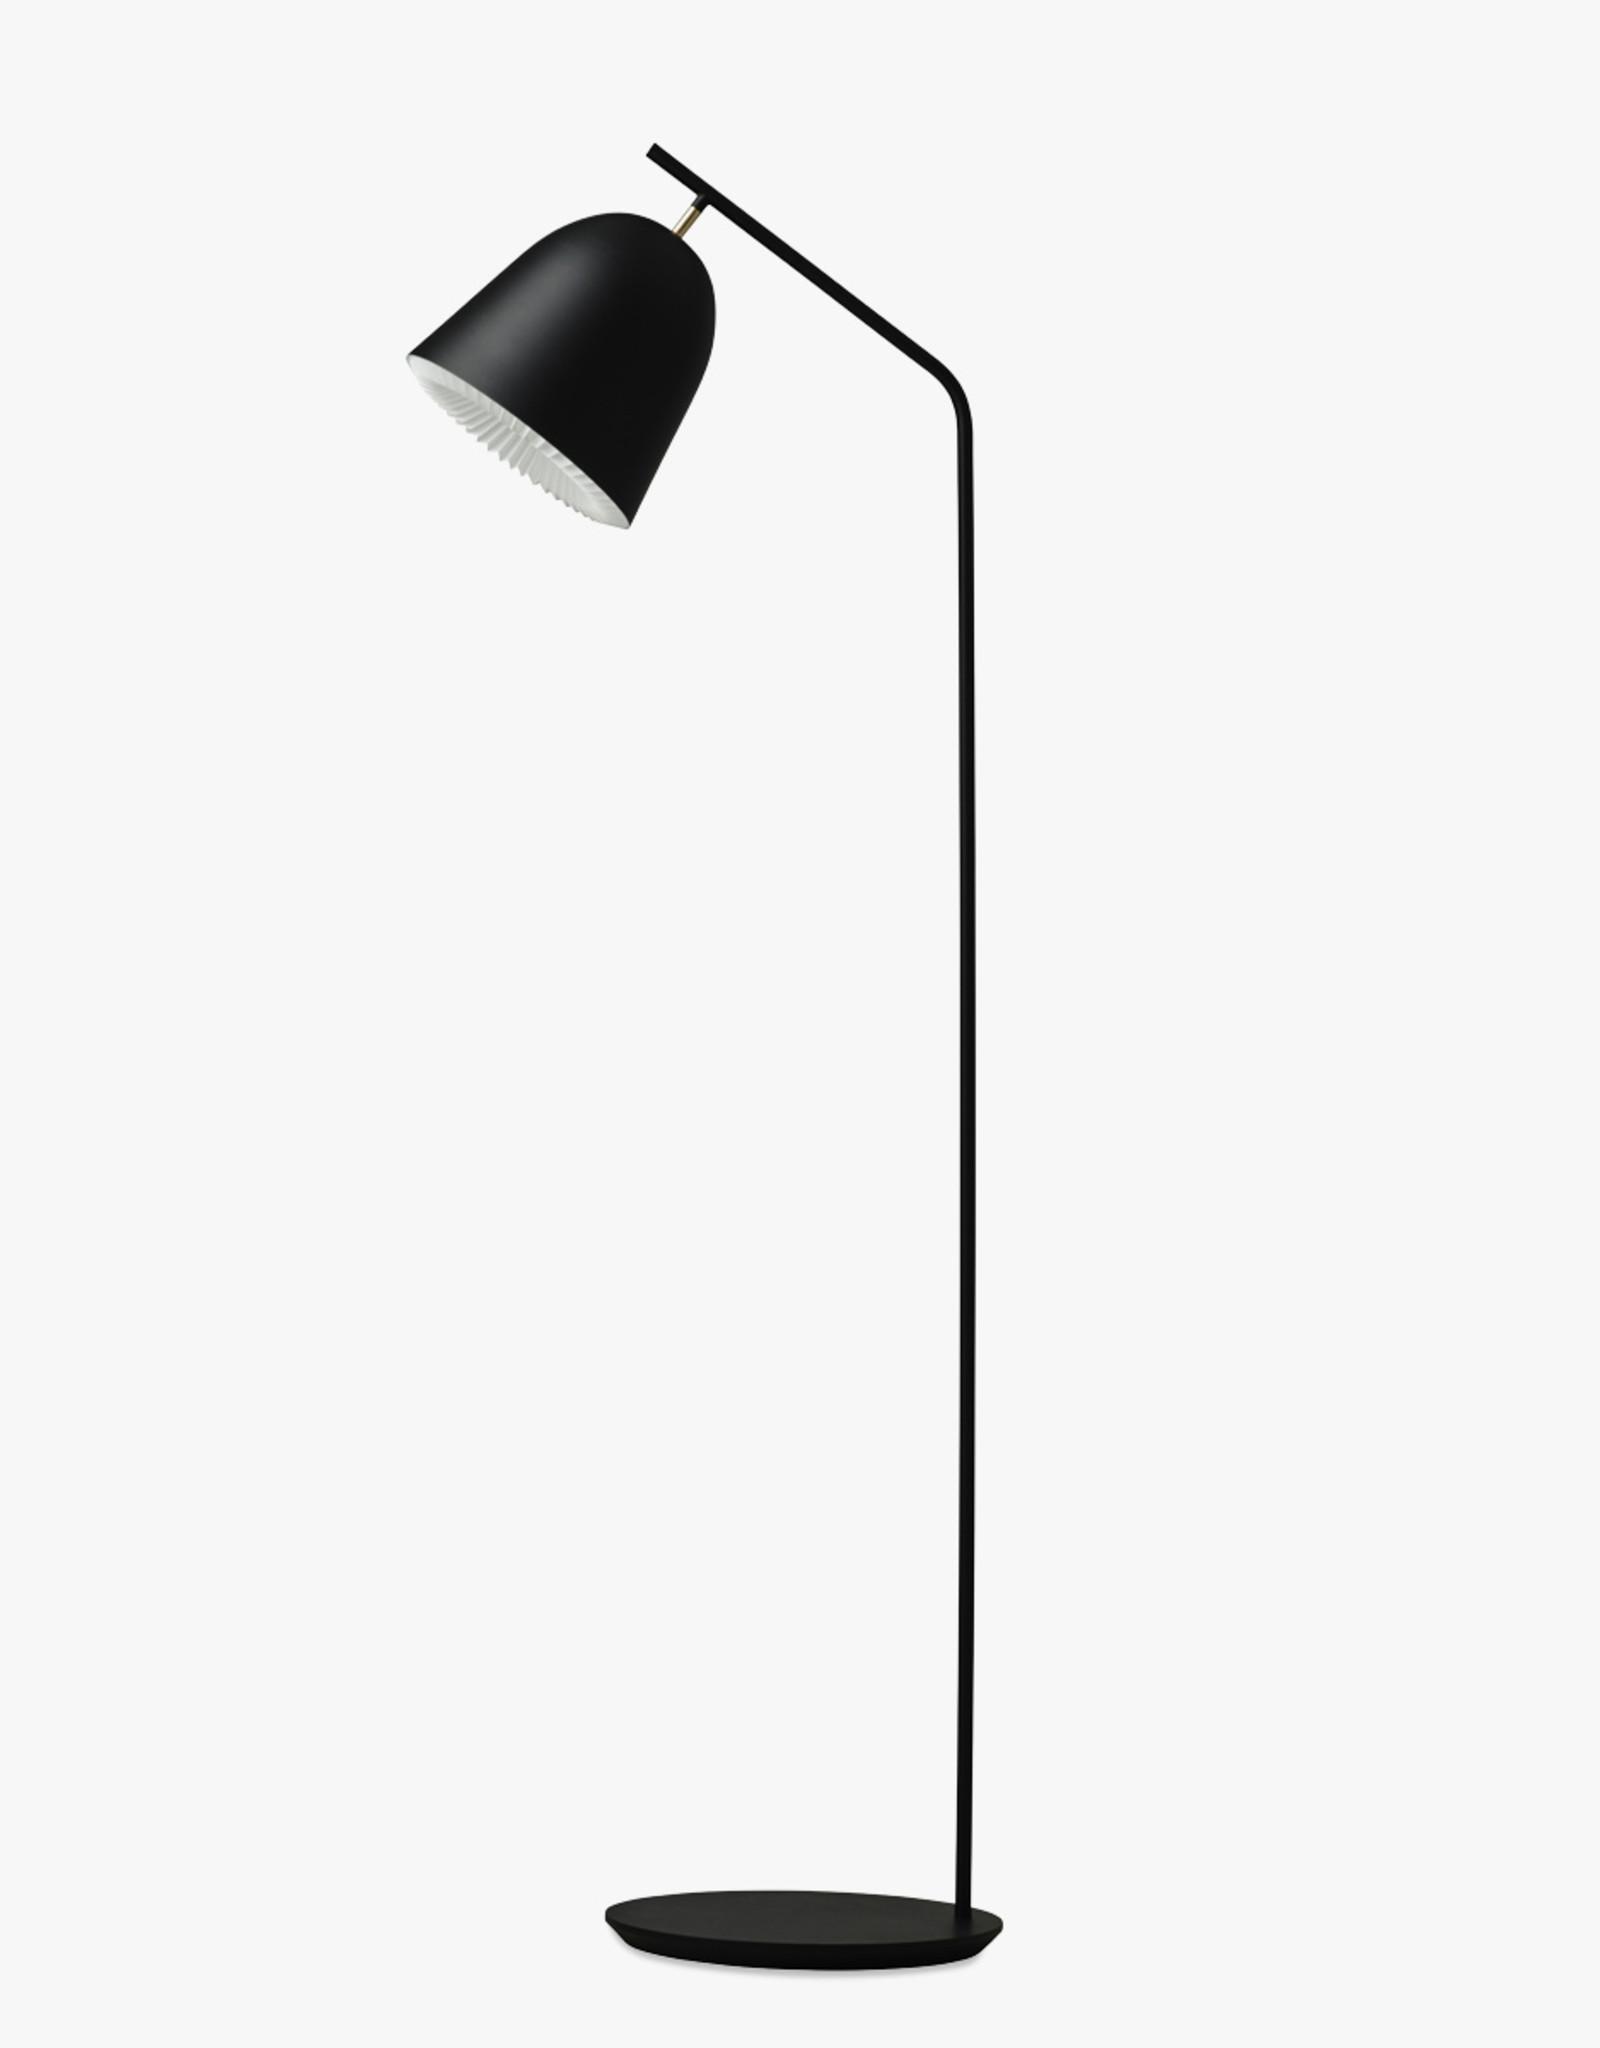 Caché floor light by Aurelién Barbry | Black | W30cm x D45cm x H130cm | 1x E27 600 LM max. 20W LED bulb required